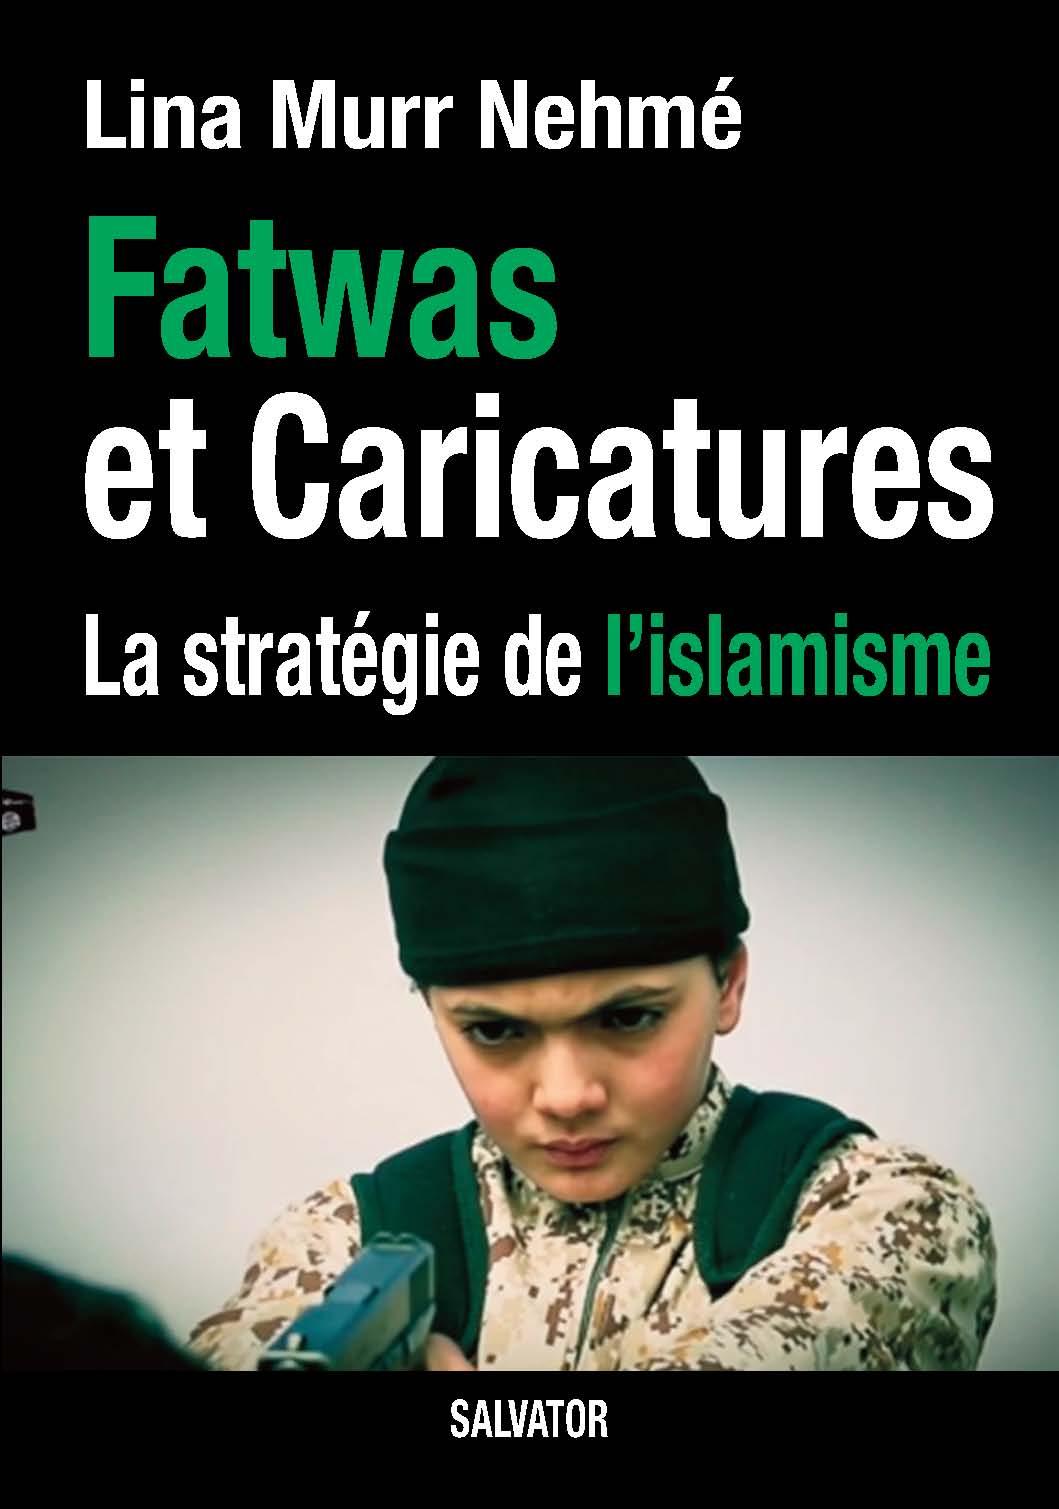 FatwasetCaricatures